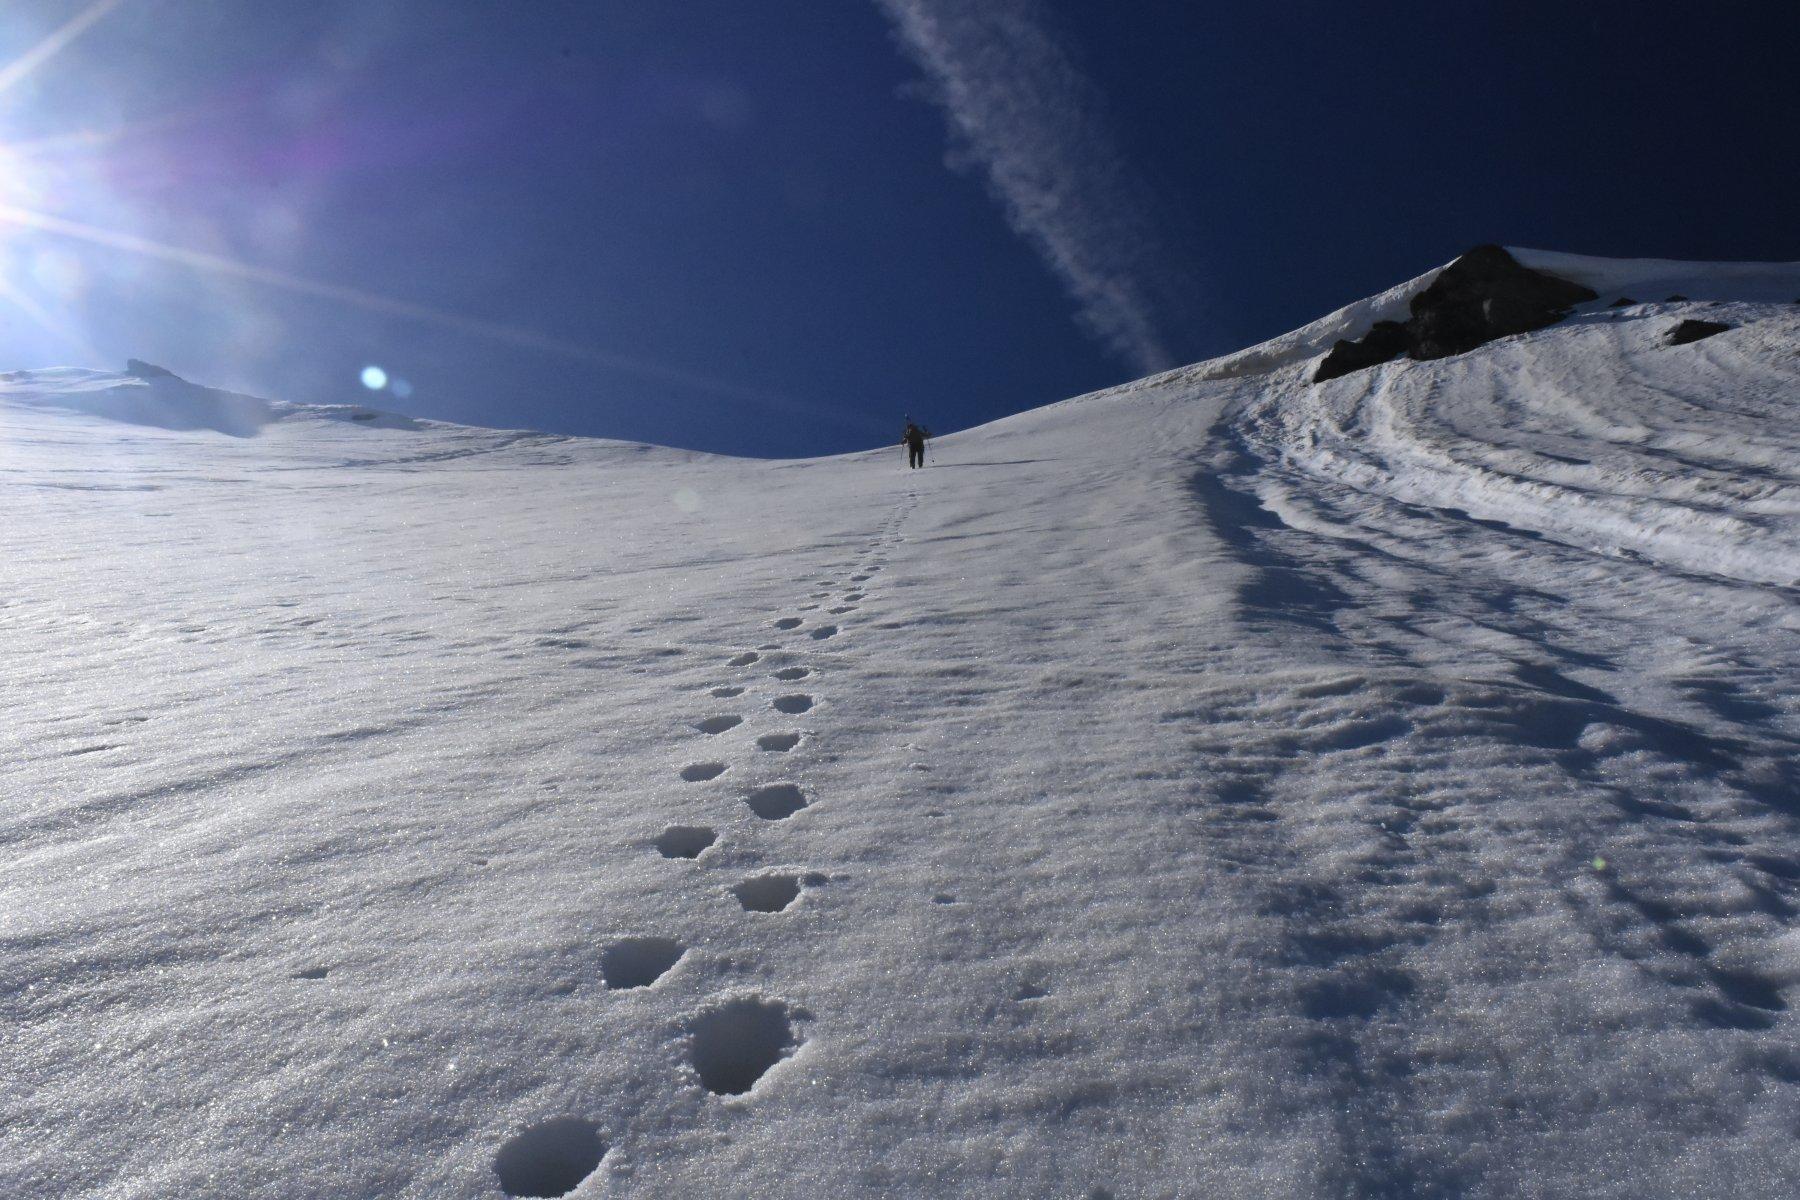 il ripido pendio salito a piedi, che porta al colletto 3000 m circa